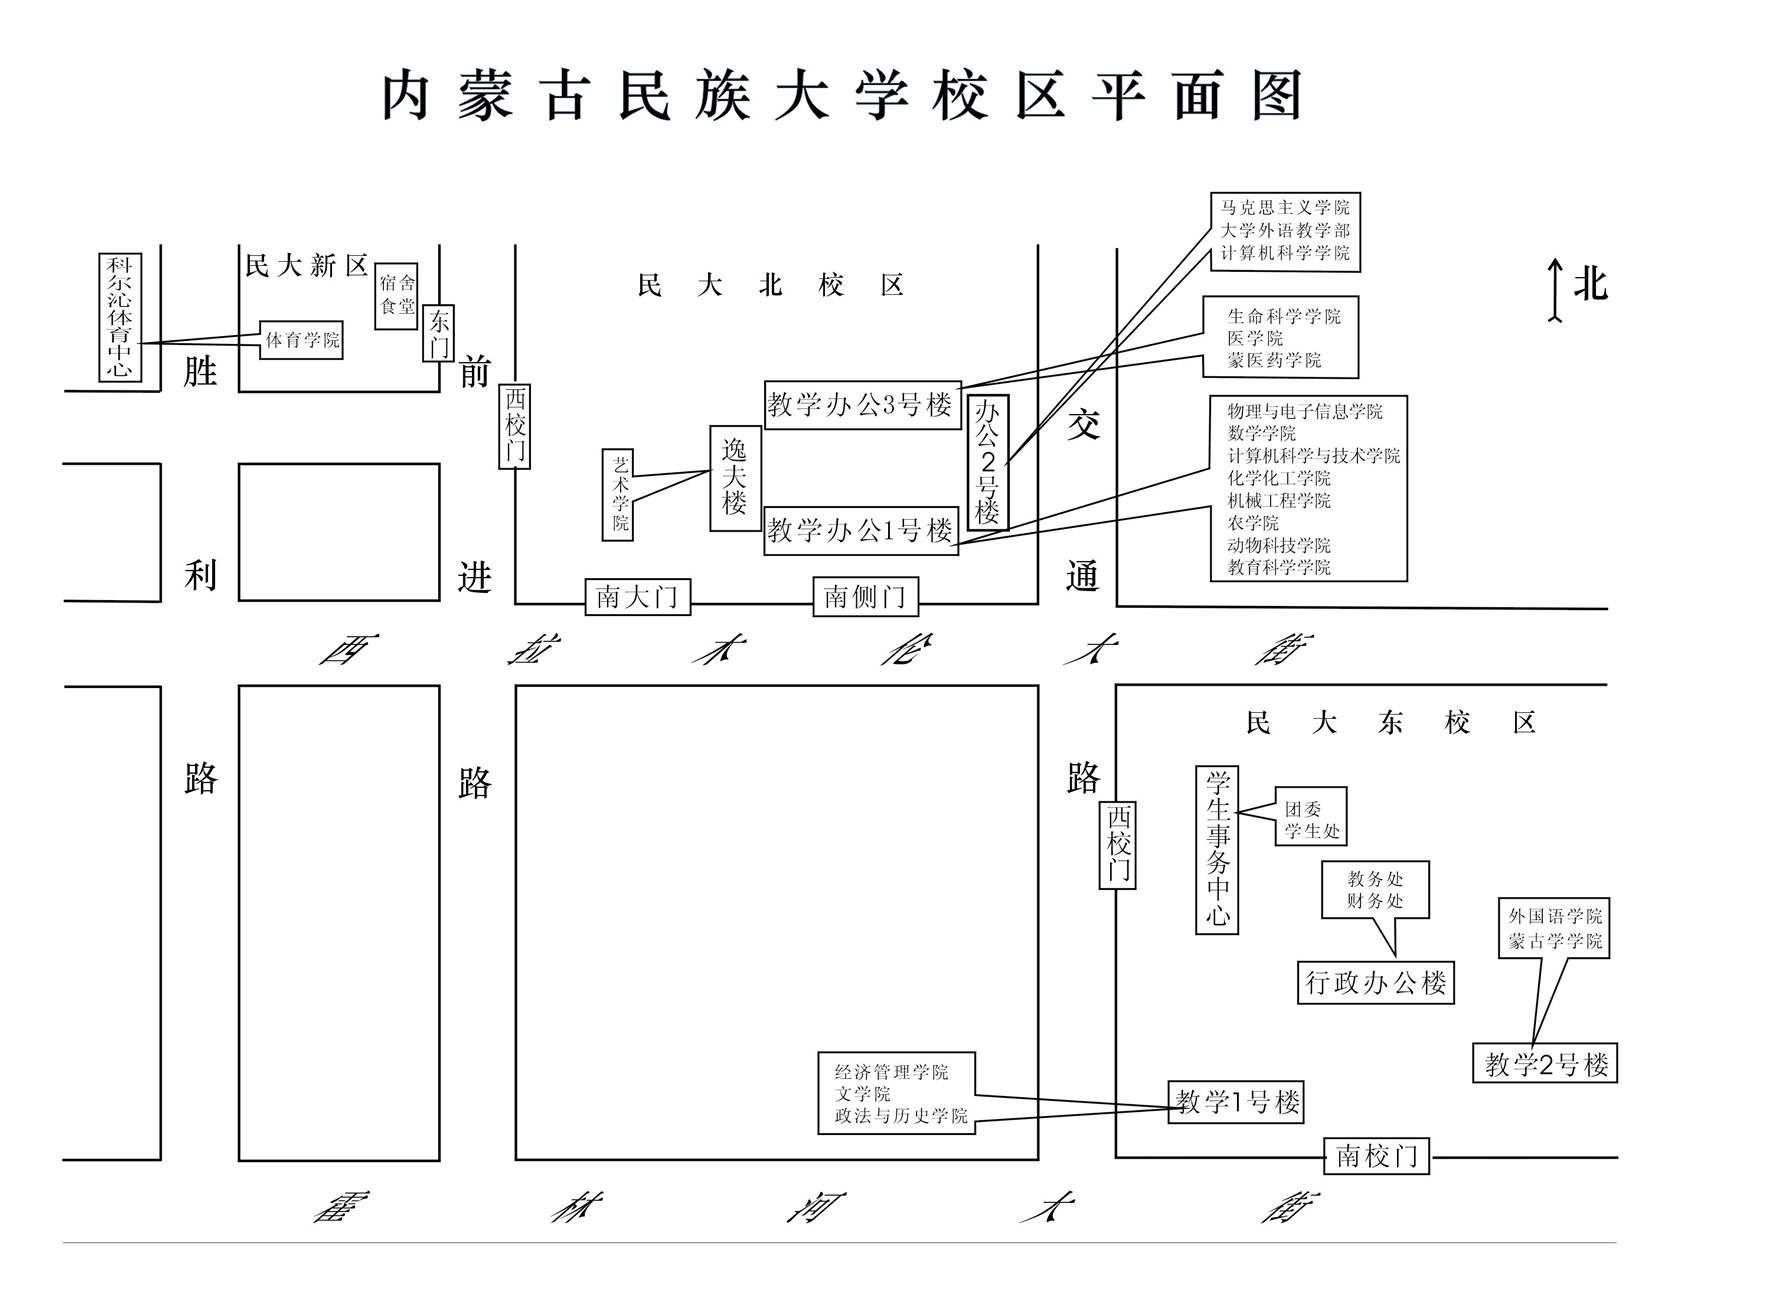 2017年内蒙古大学电路分析基础(加试)复试仿真模拟三套题